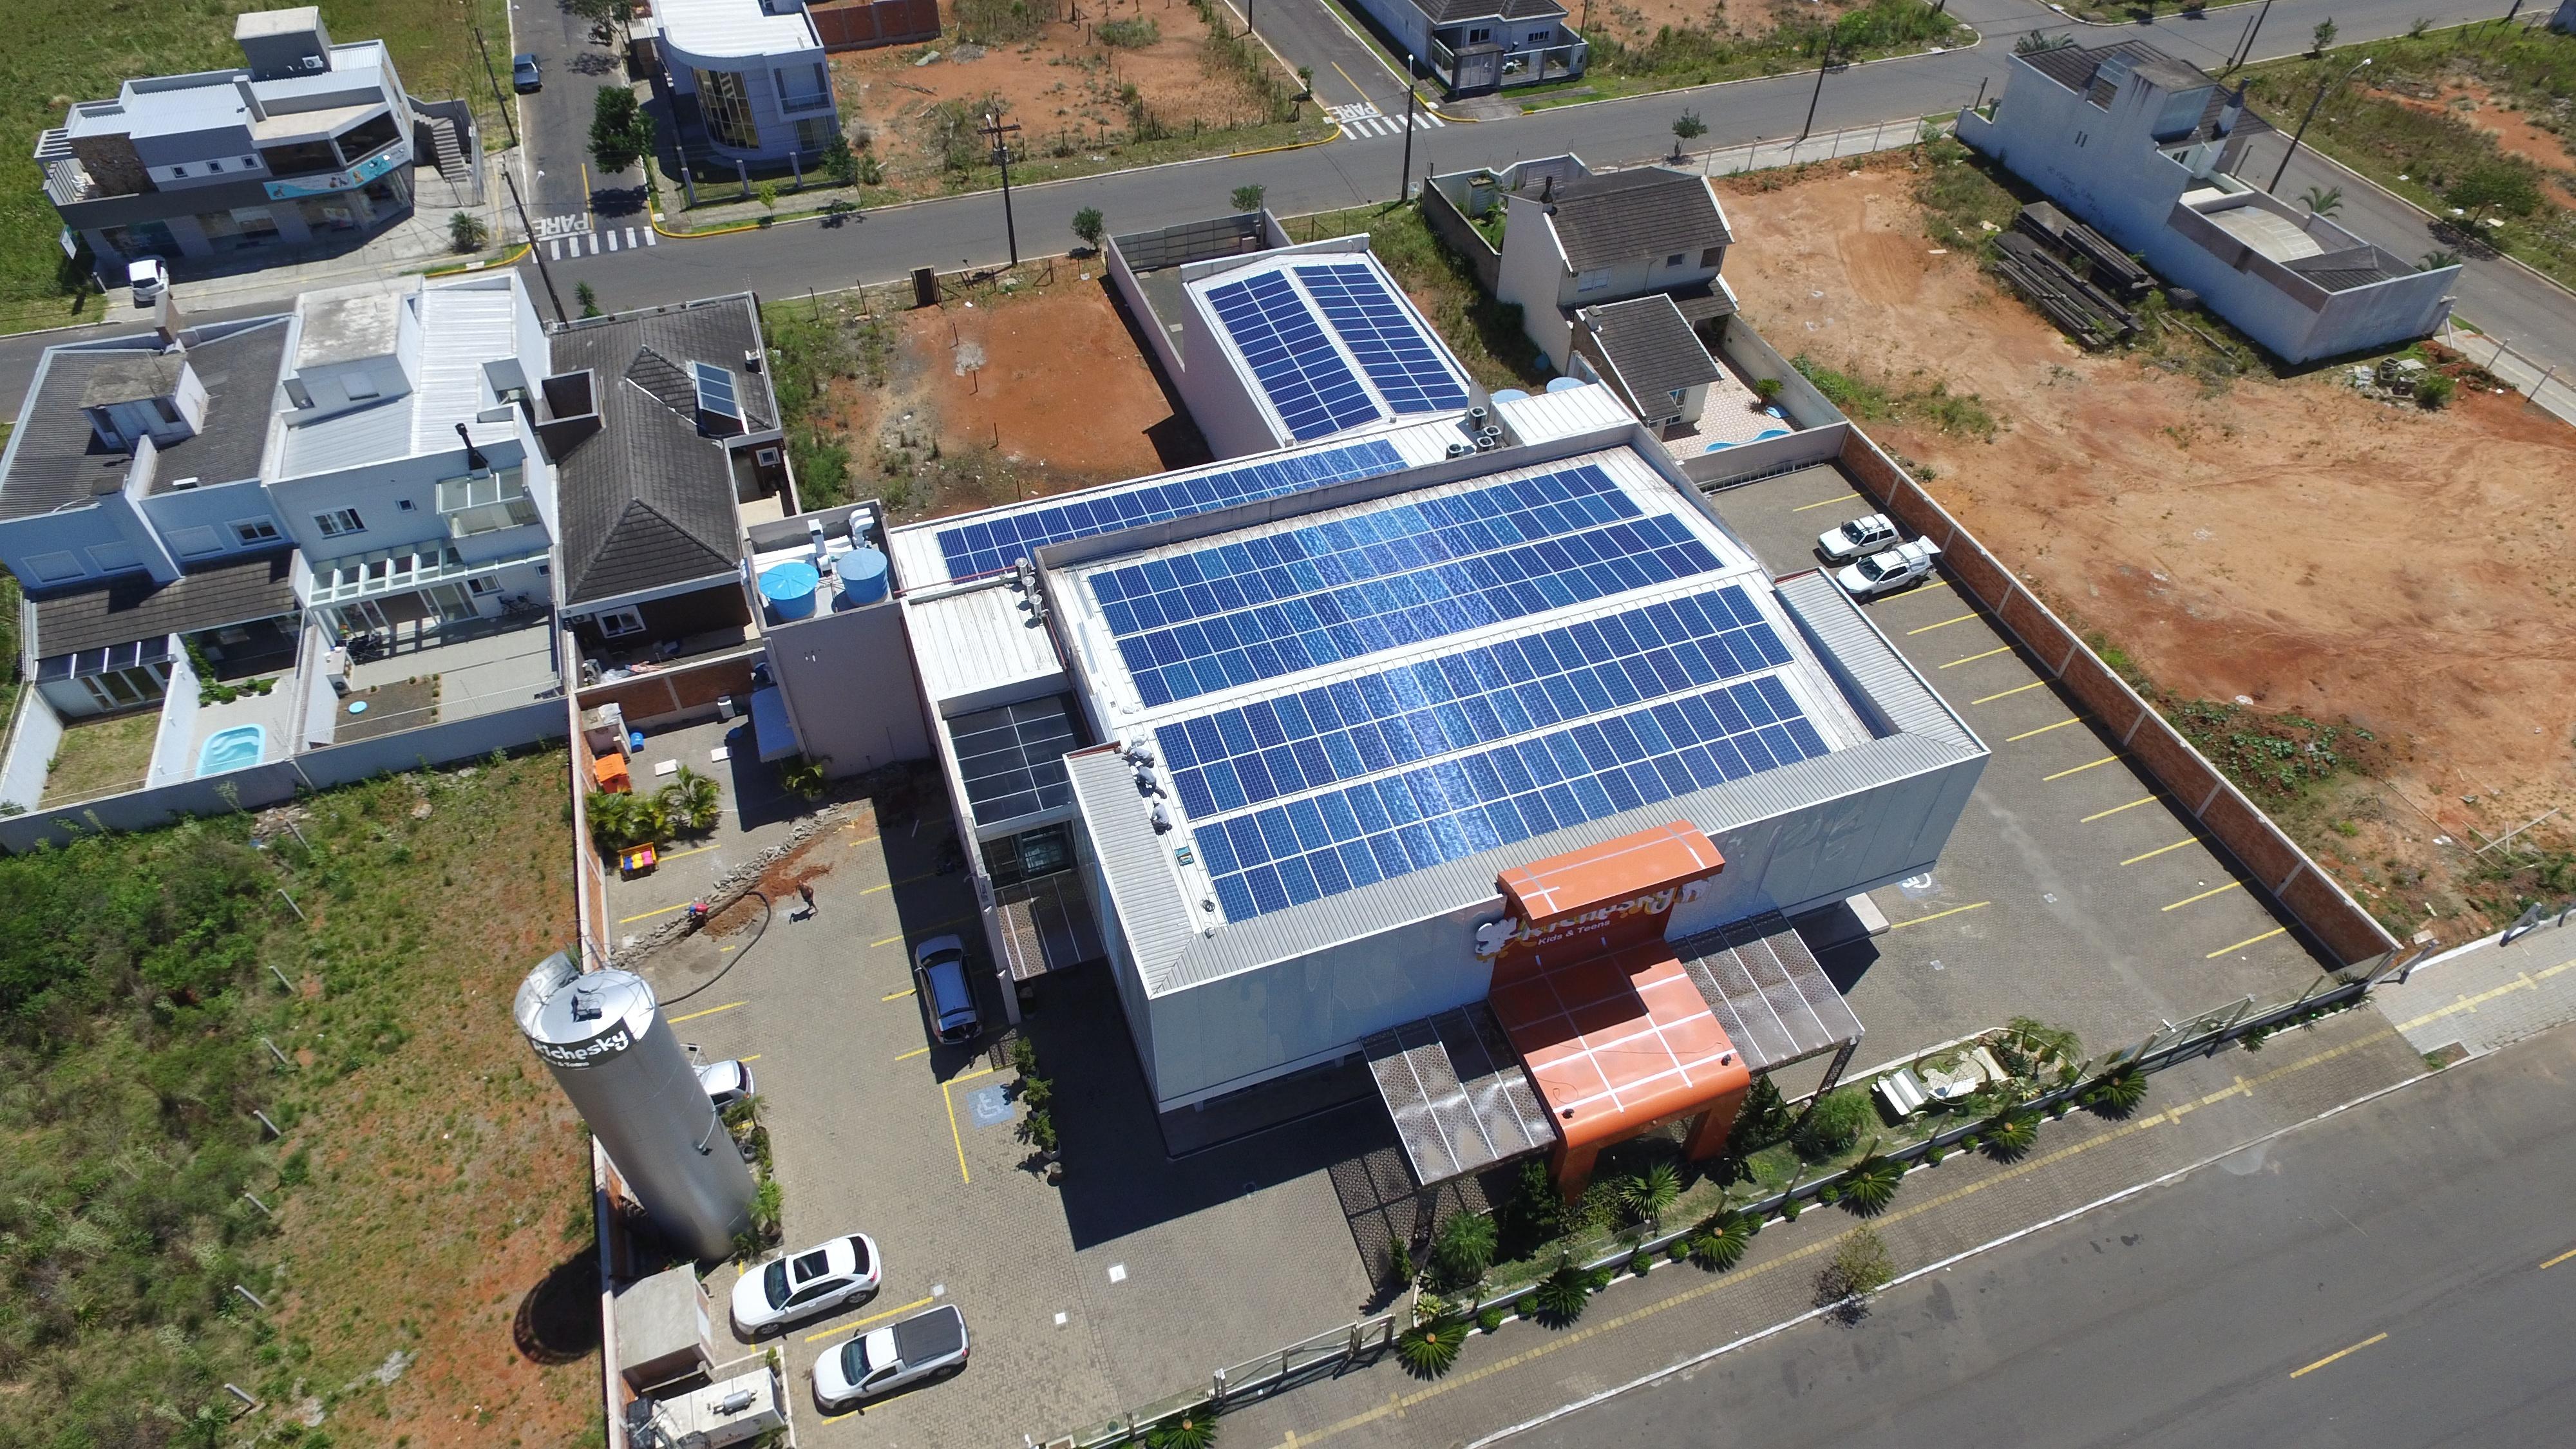 Instalação de energia solar em Canoas - Elysia energia fotovoltaica Rio Grande do Sul